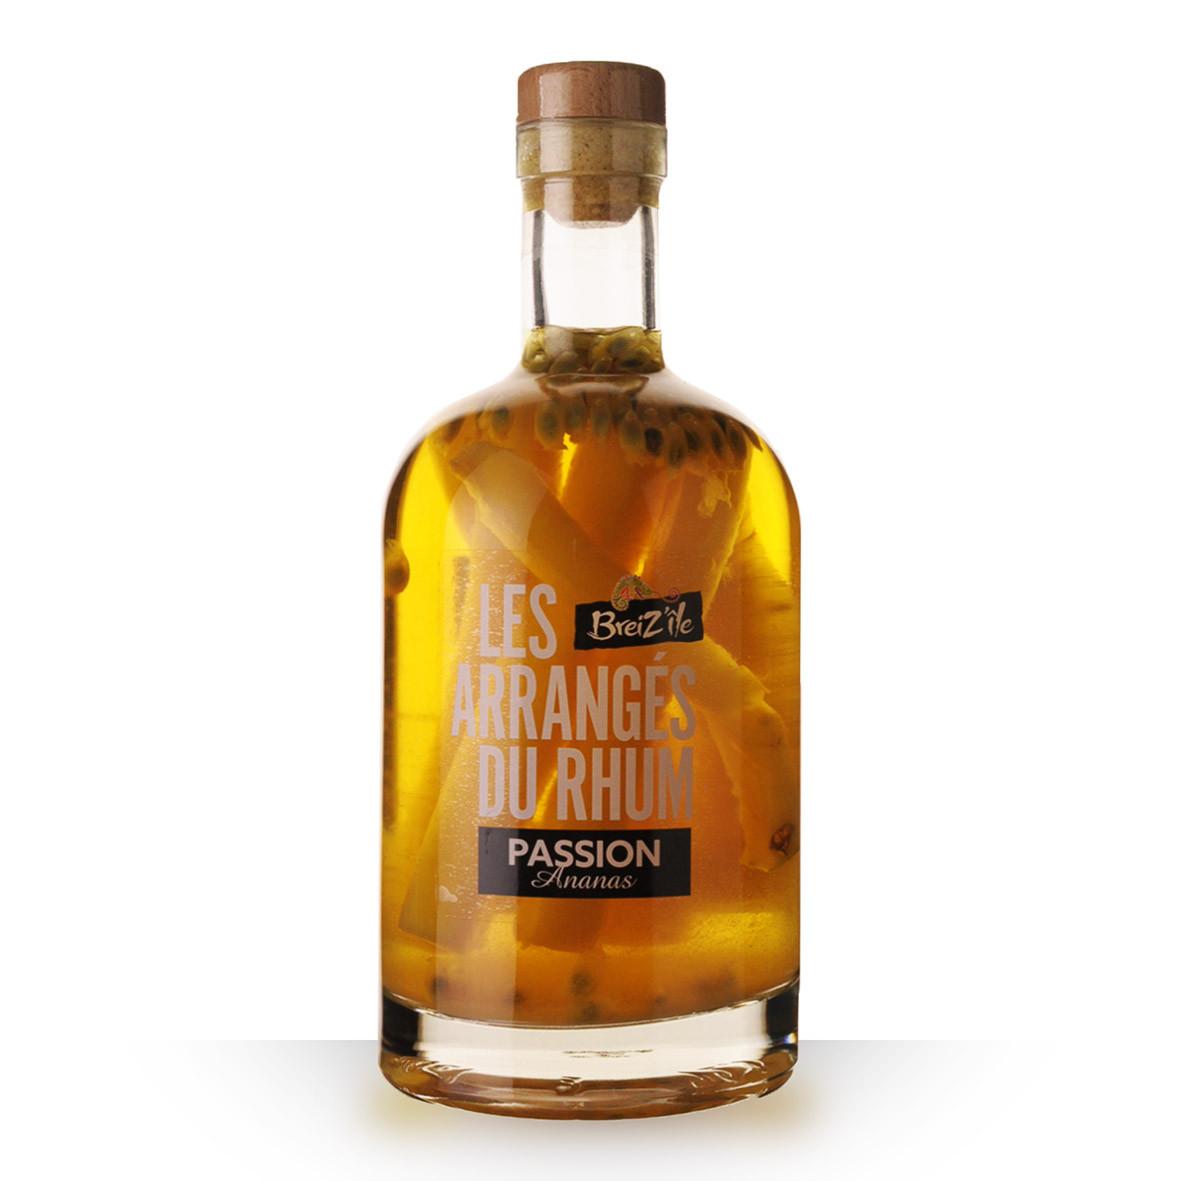 Rhum BreizIle les arrangés du Rhum Passion Ananas 70cl www.odyssee-vins.com